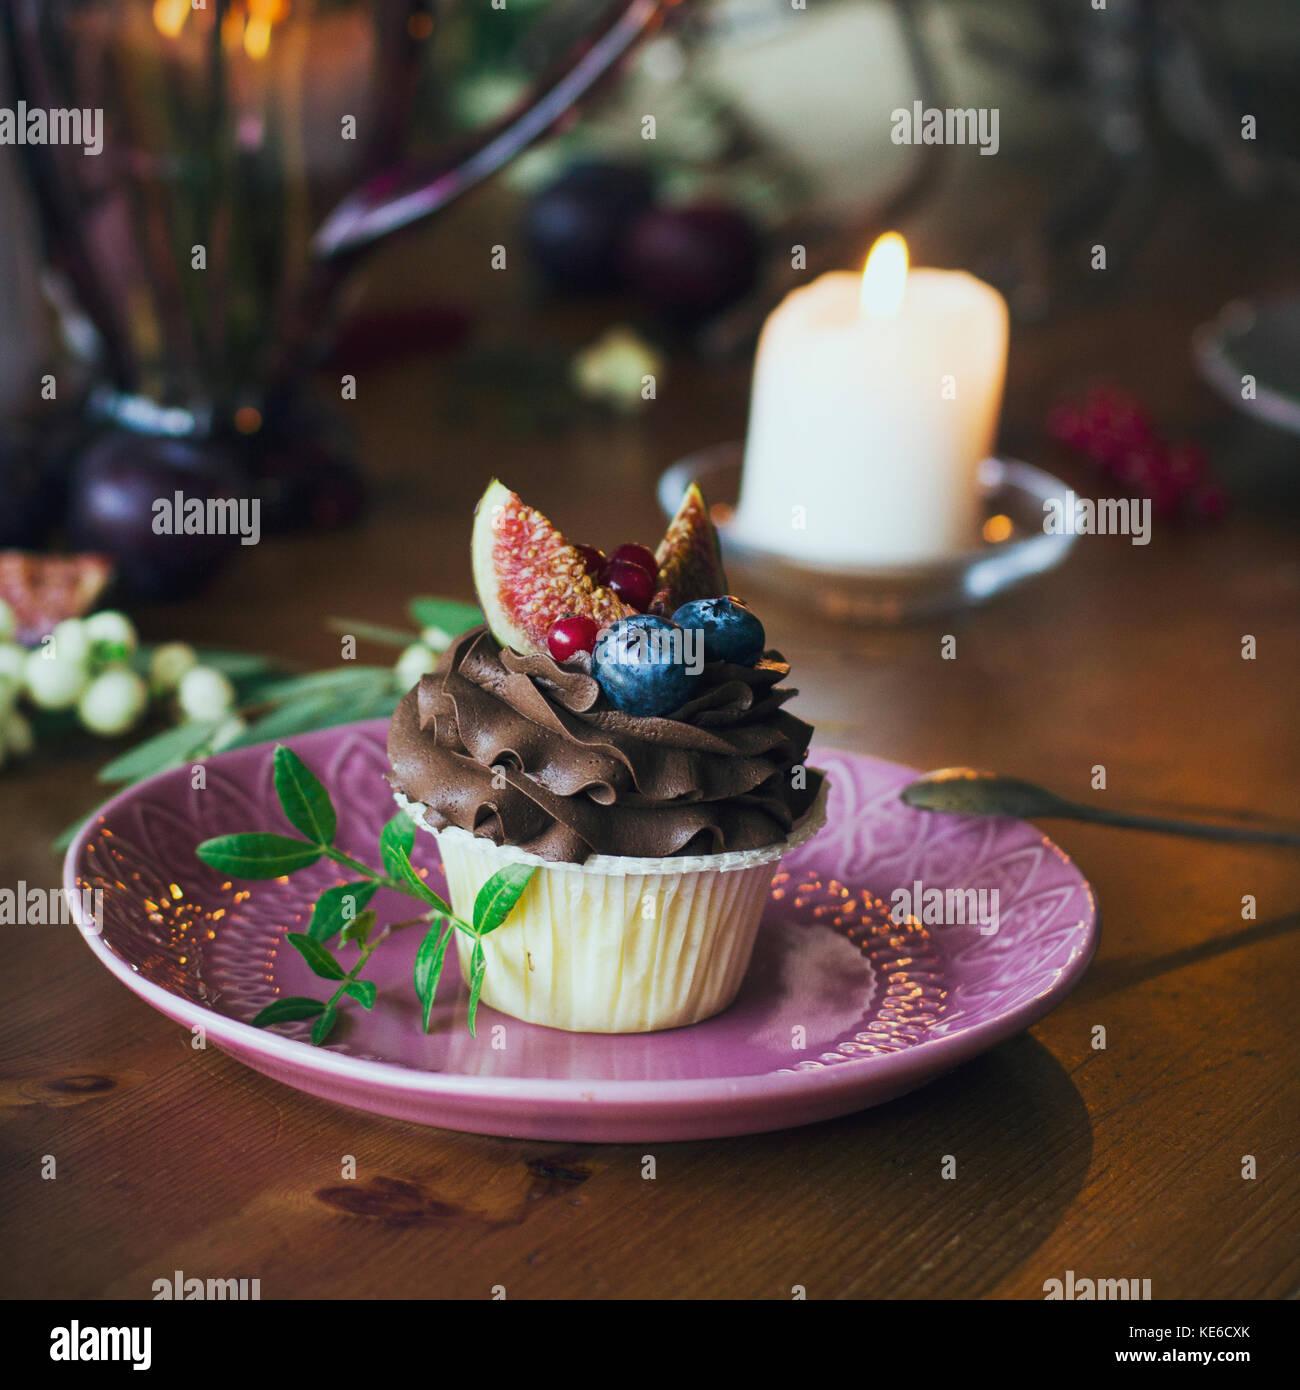 Cupcake chocolat aux figues et petits fruits sur table de fête Photo Stock